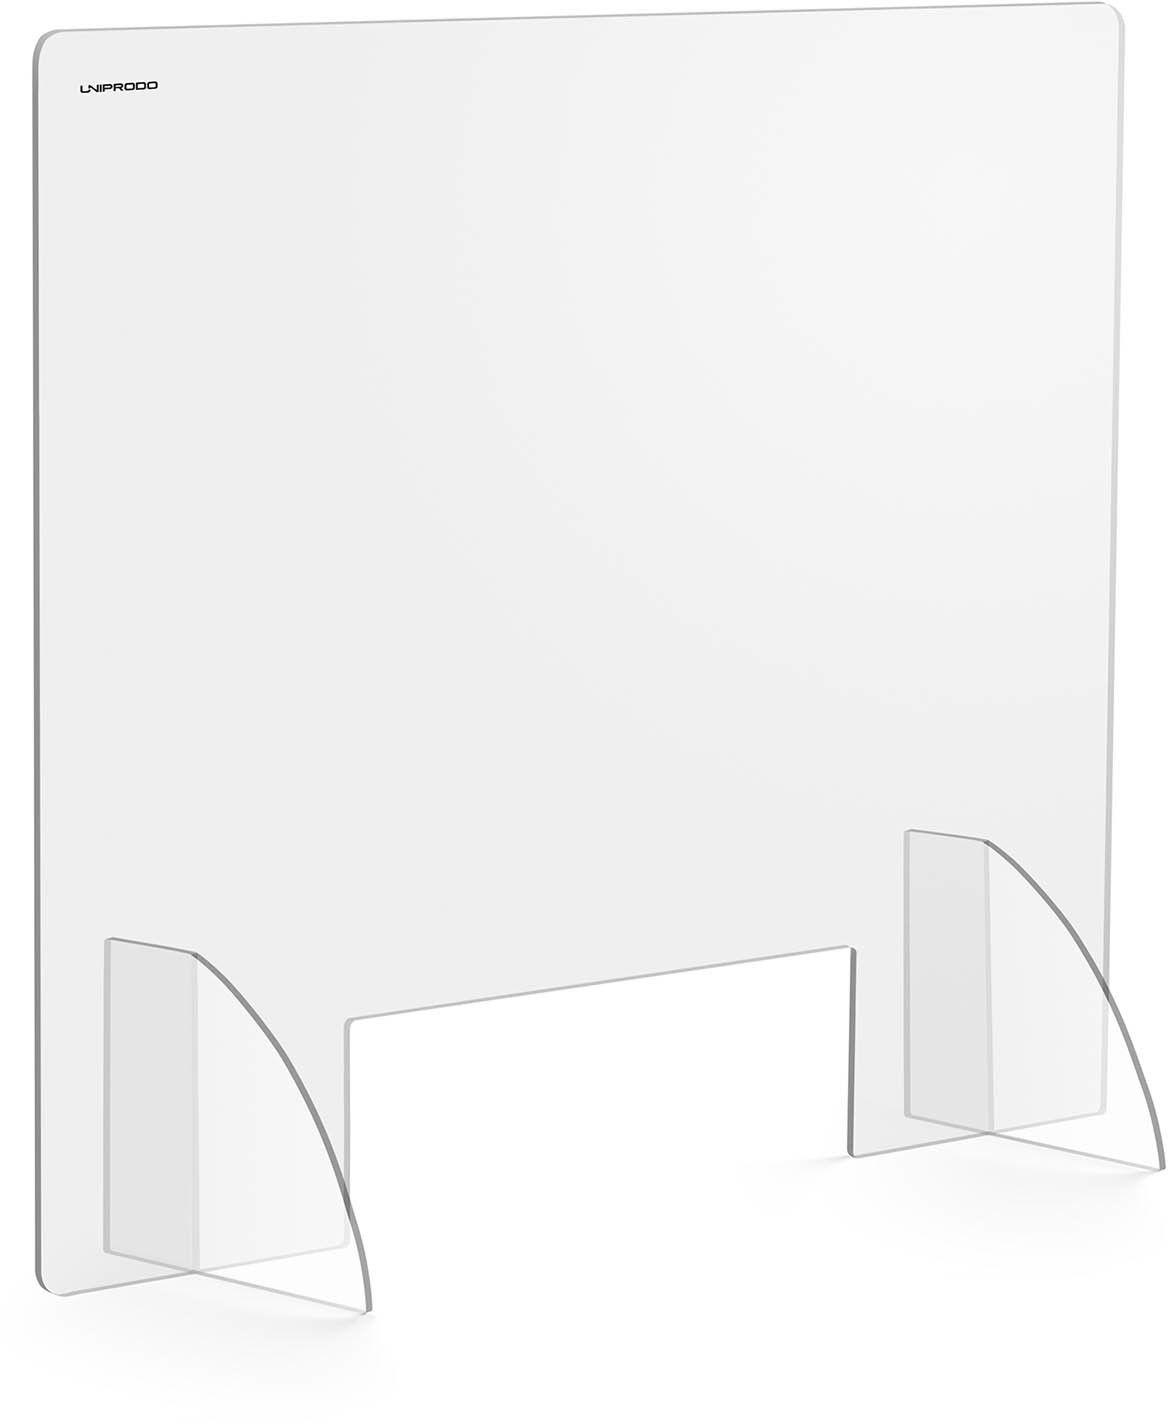 UNI-PPG02 Osłona z plexi - 95 x 80 cm Uniprodo 10250443